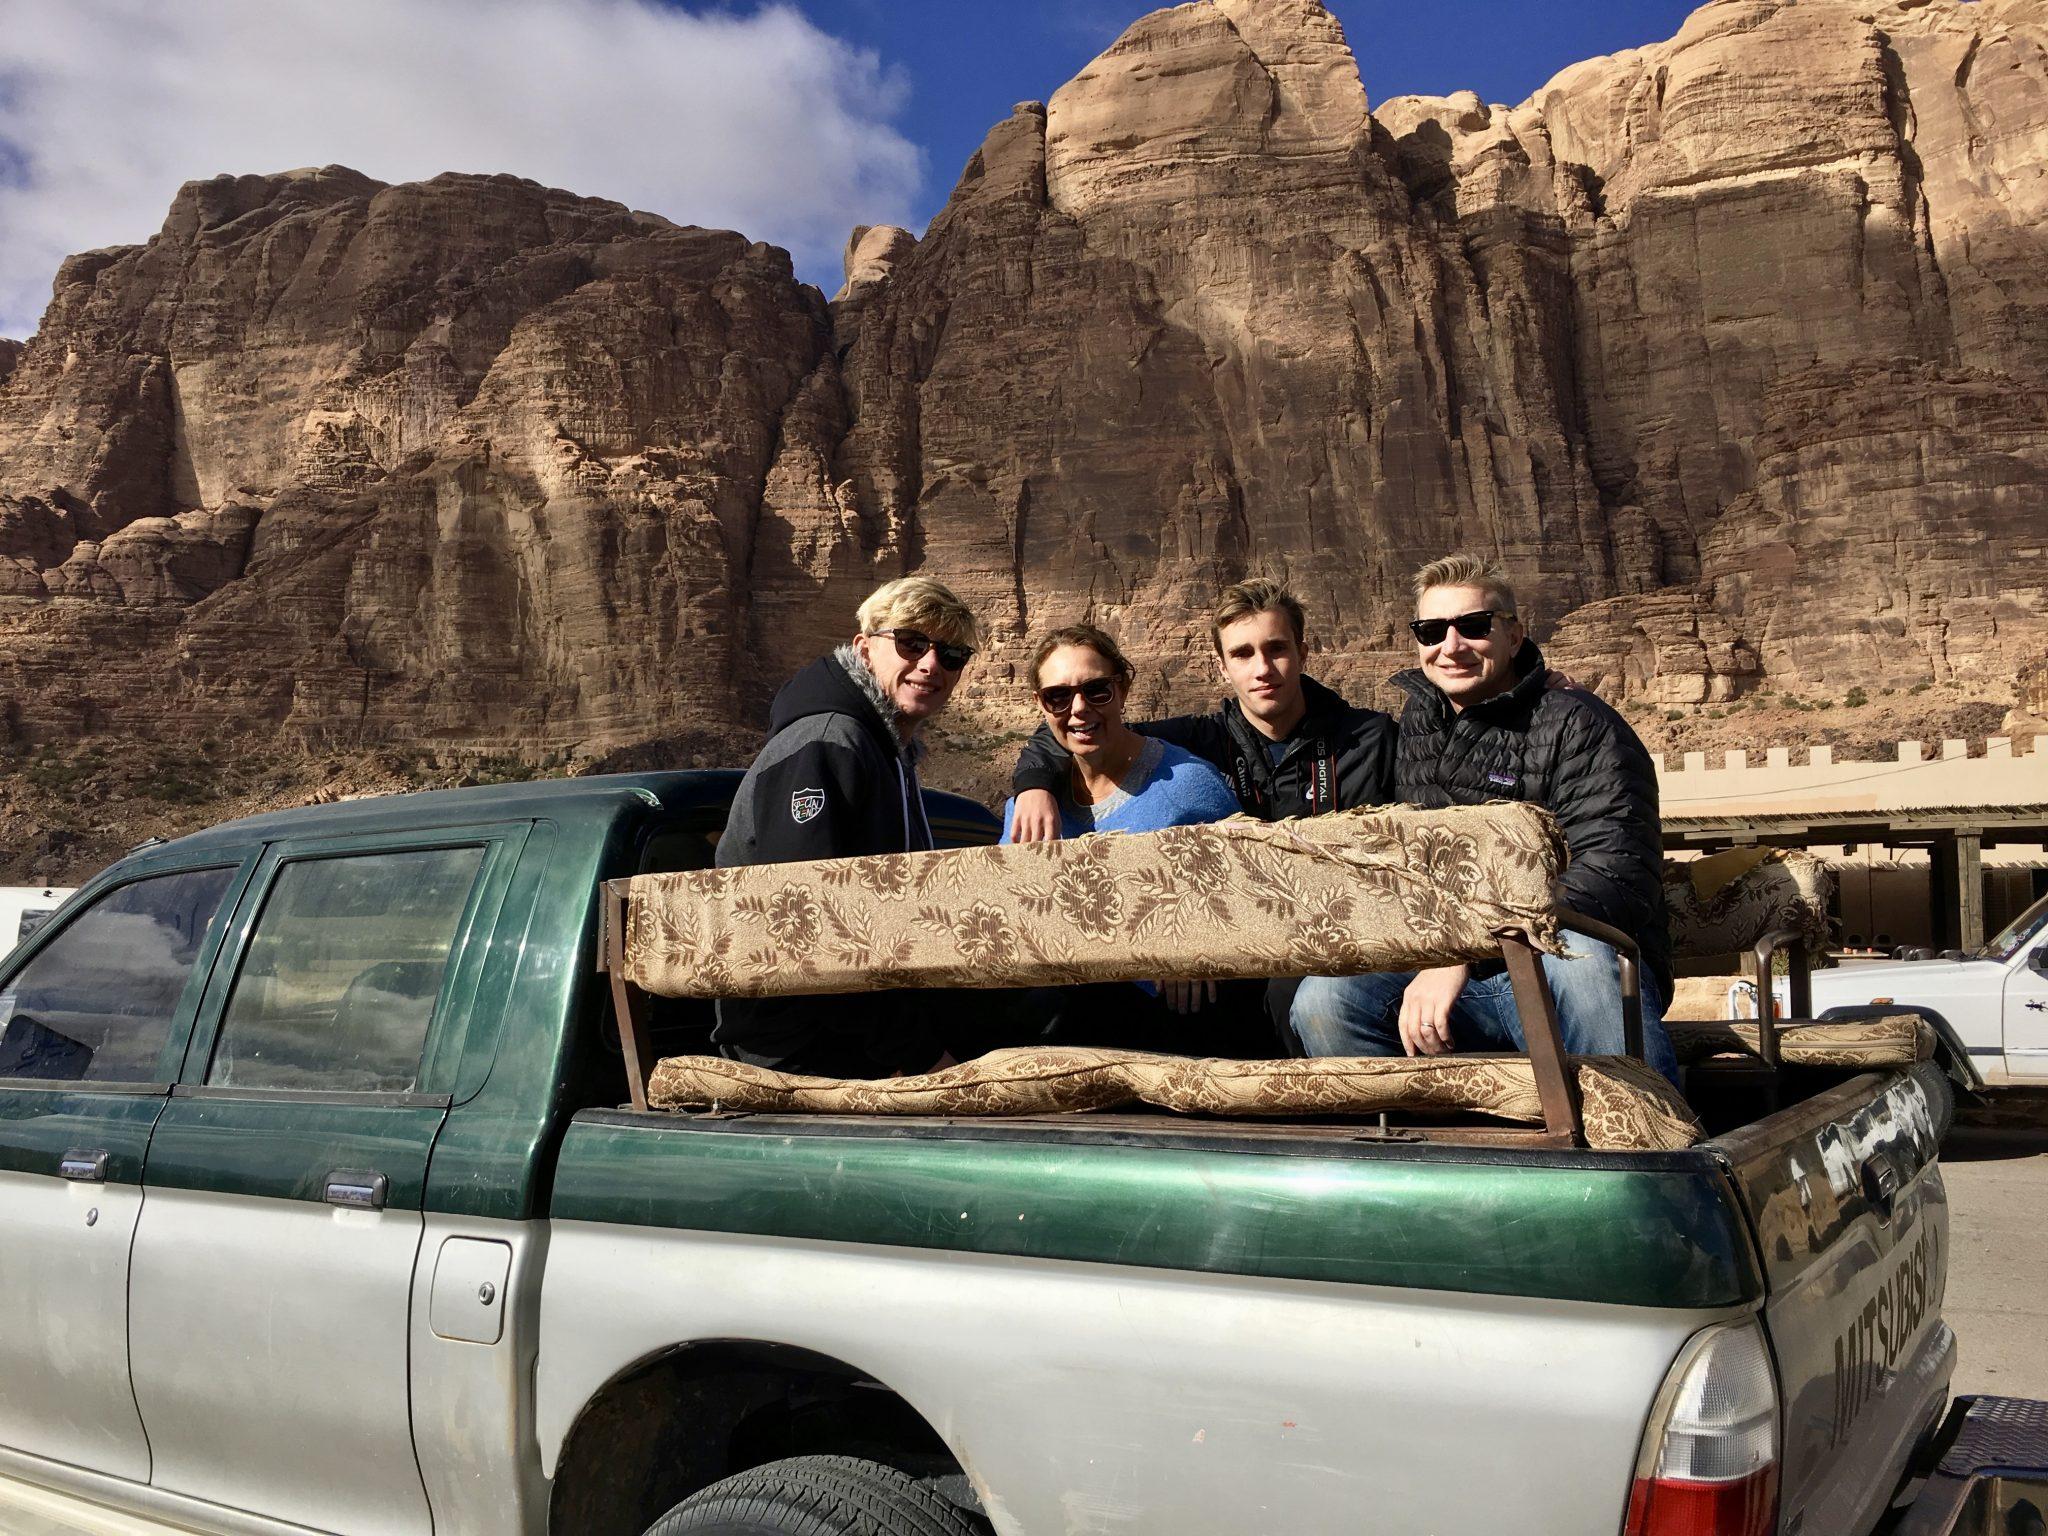 4 x 4 in wadi rum desert